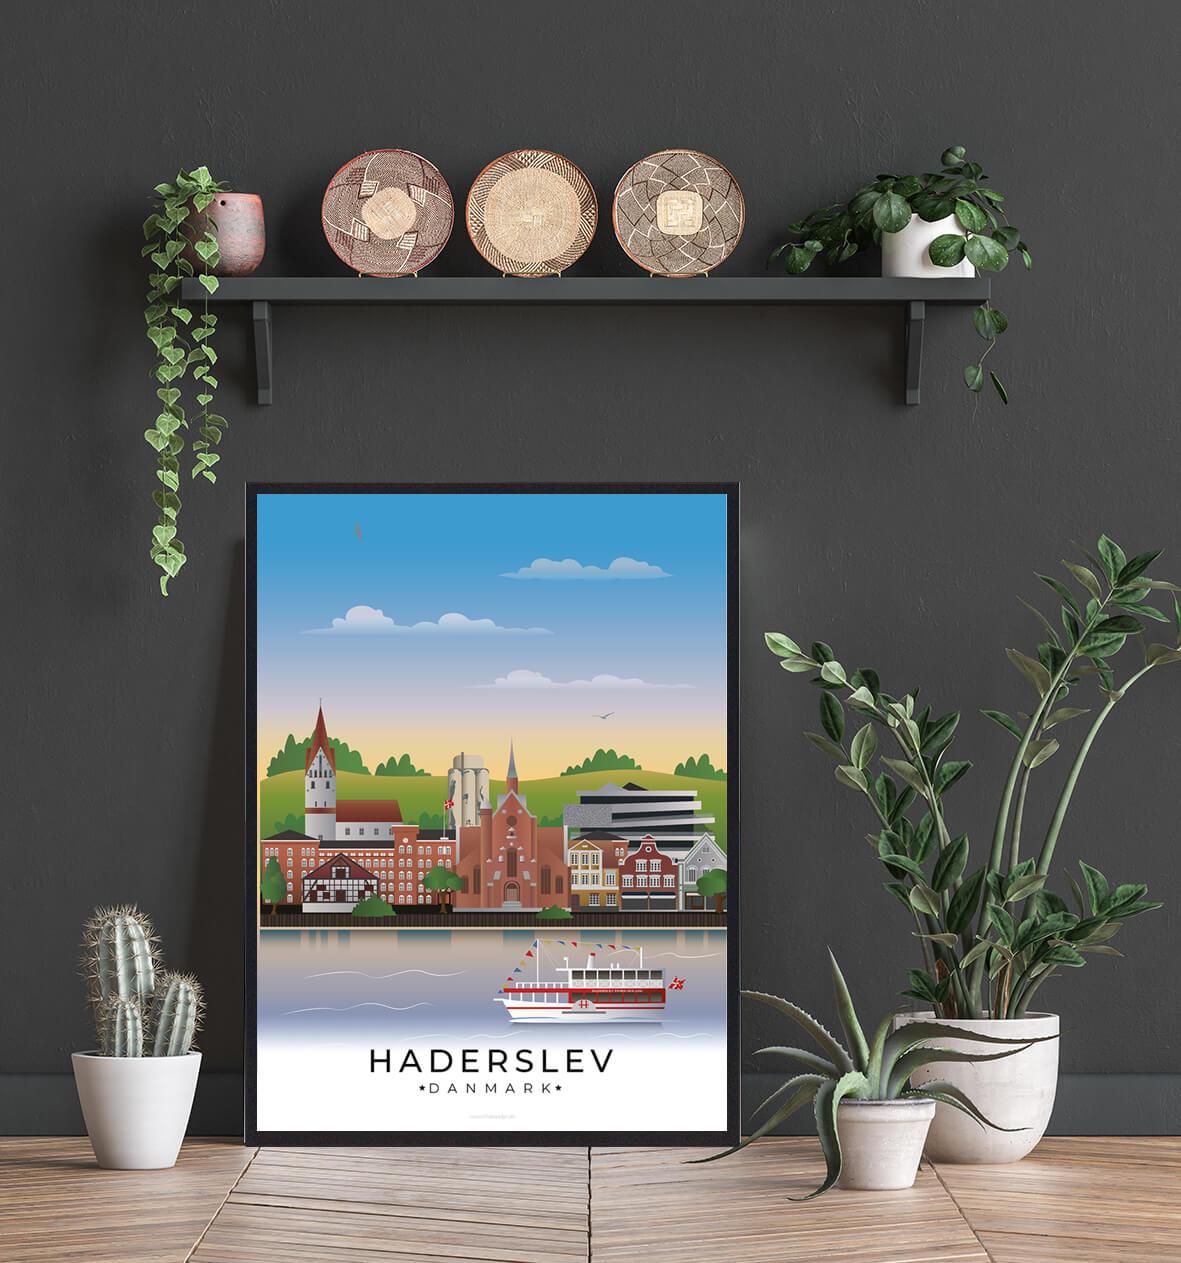 Haderslev-plakat-boligen-1